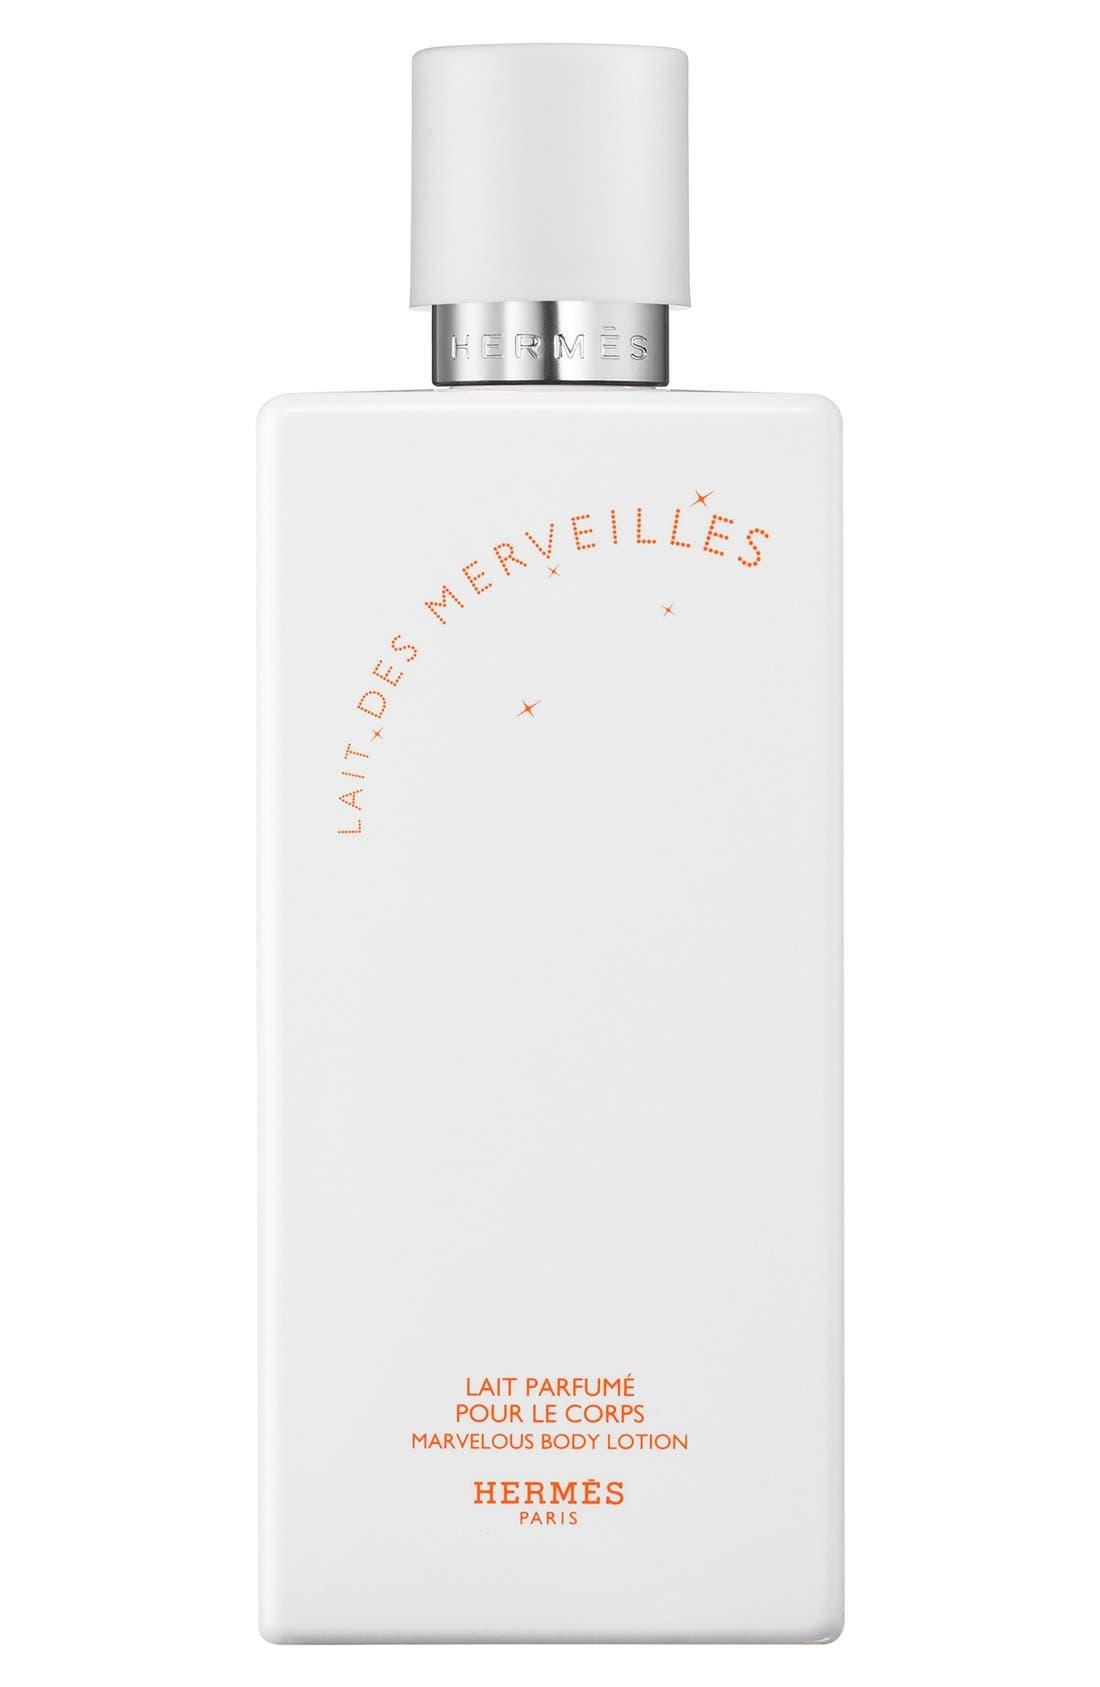 Hermès Lait des Merveilles - Perfumed body lotion